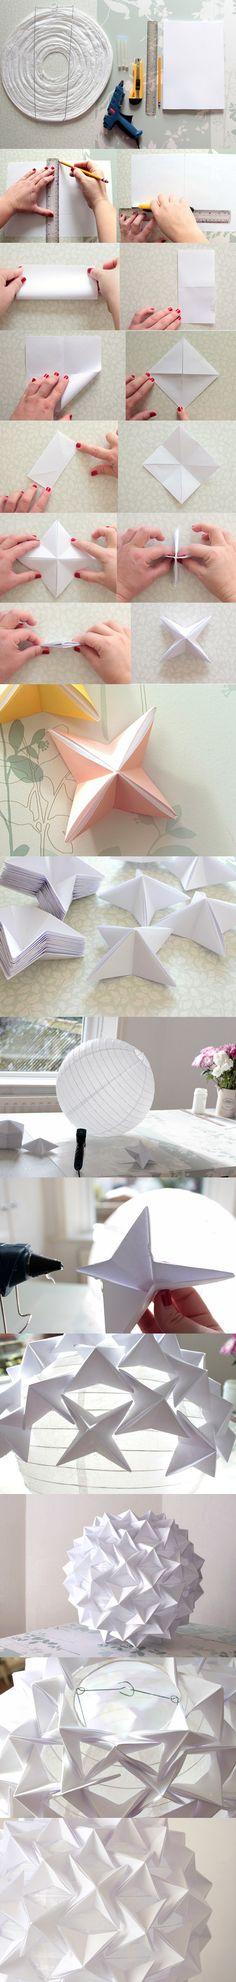 lampara-diy-papel-origami-muy-ingenioso-1